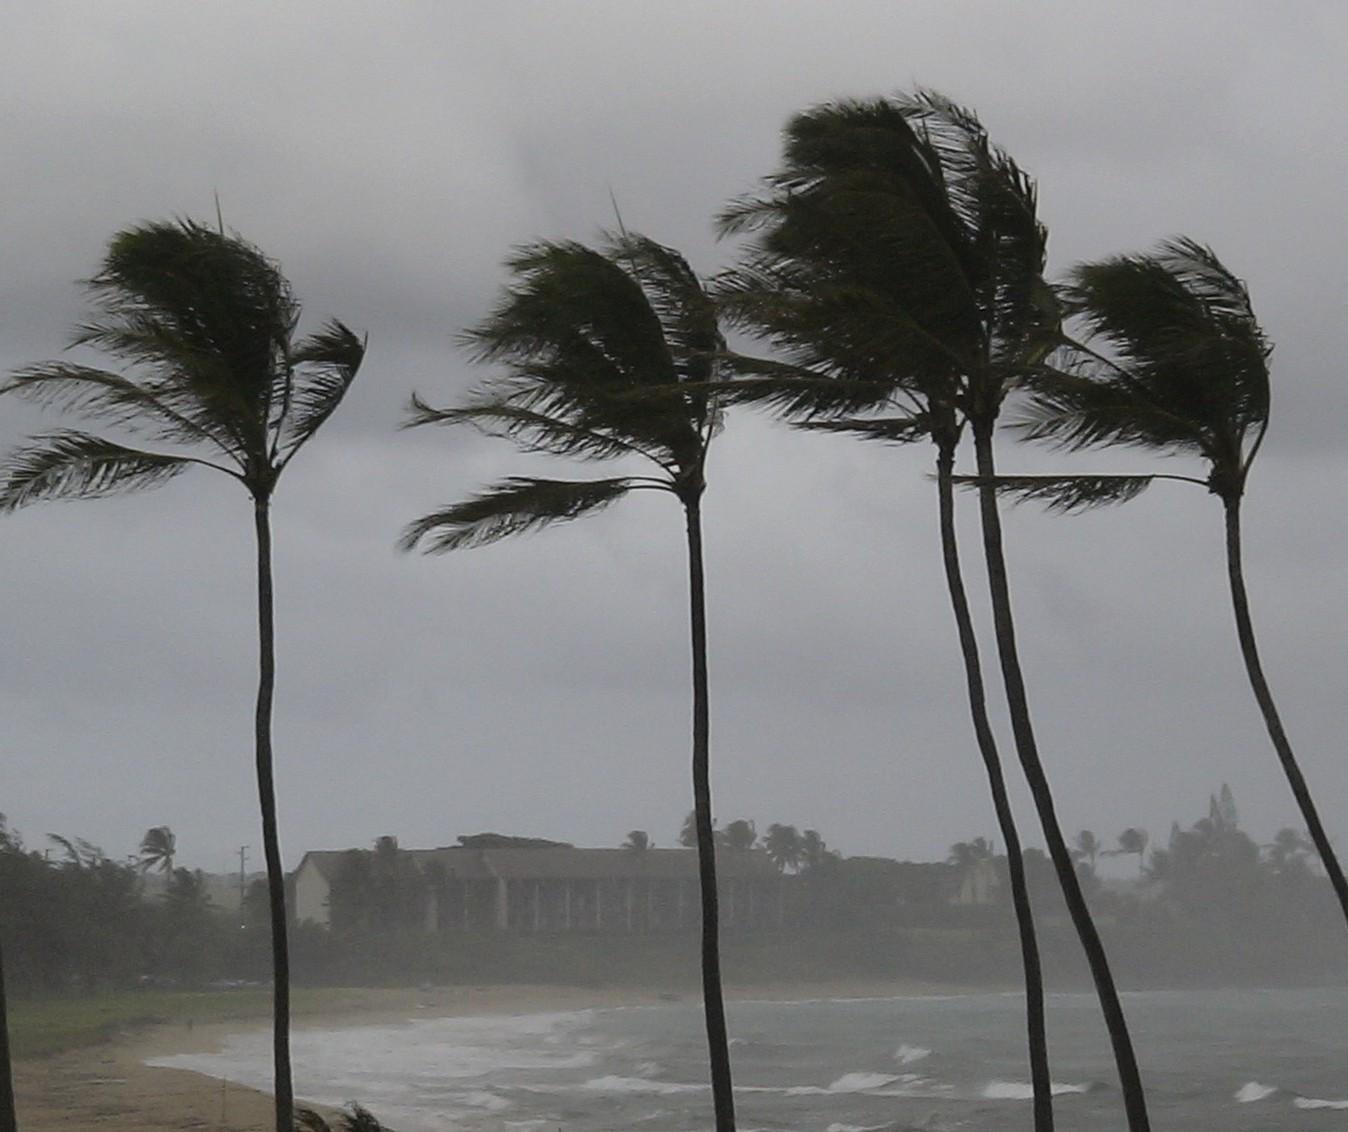 Crise climática: Setor de turismo precisa se atentar